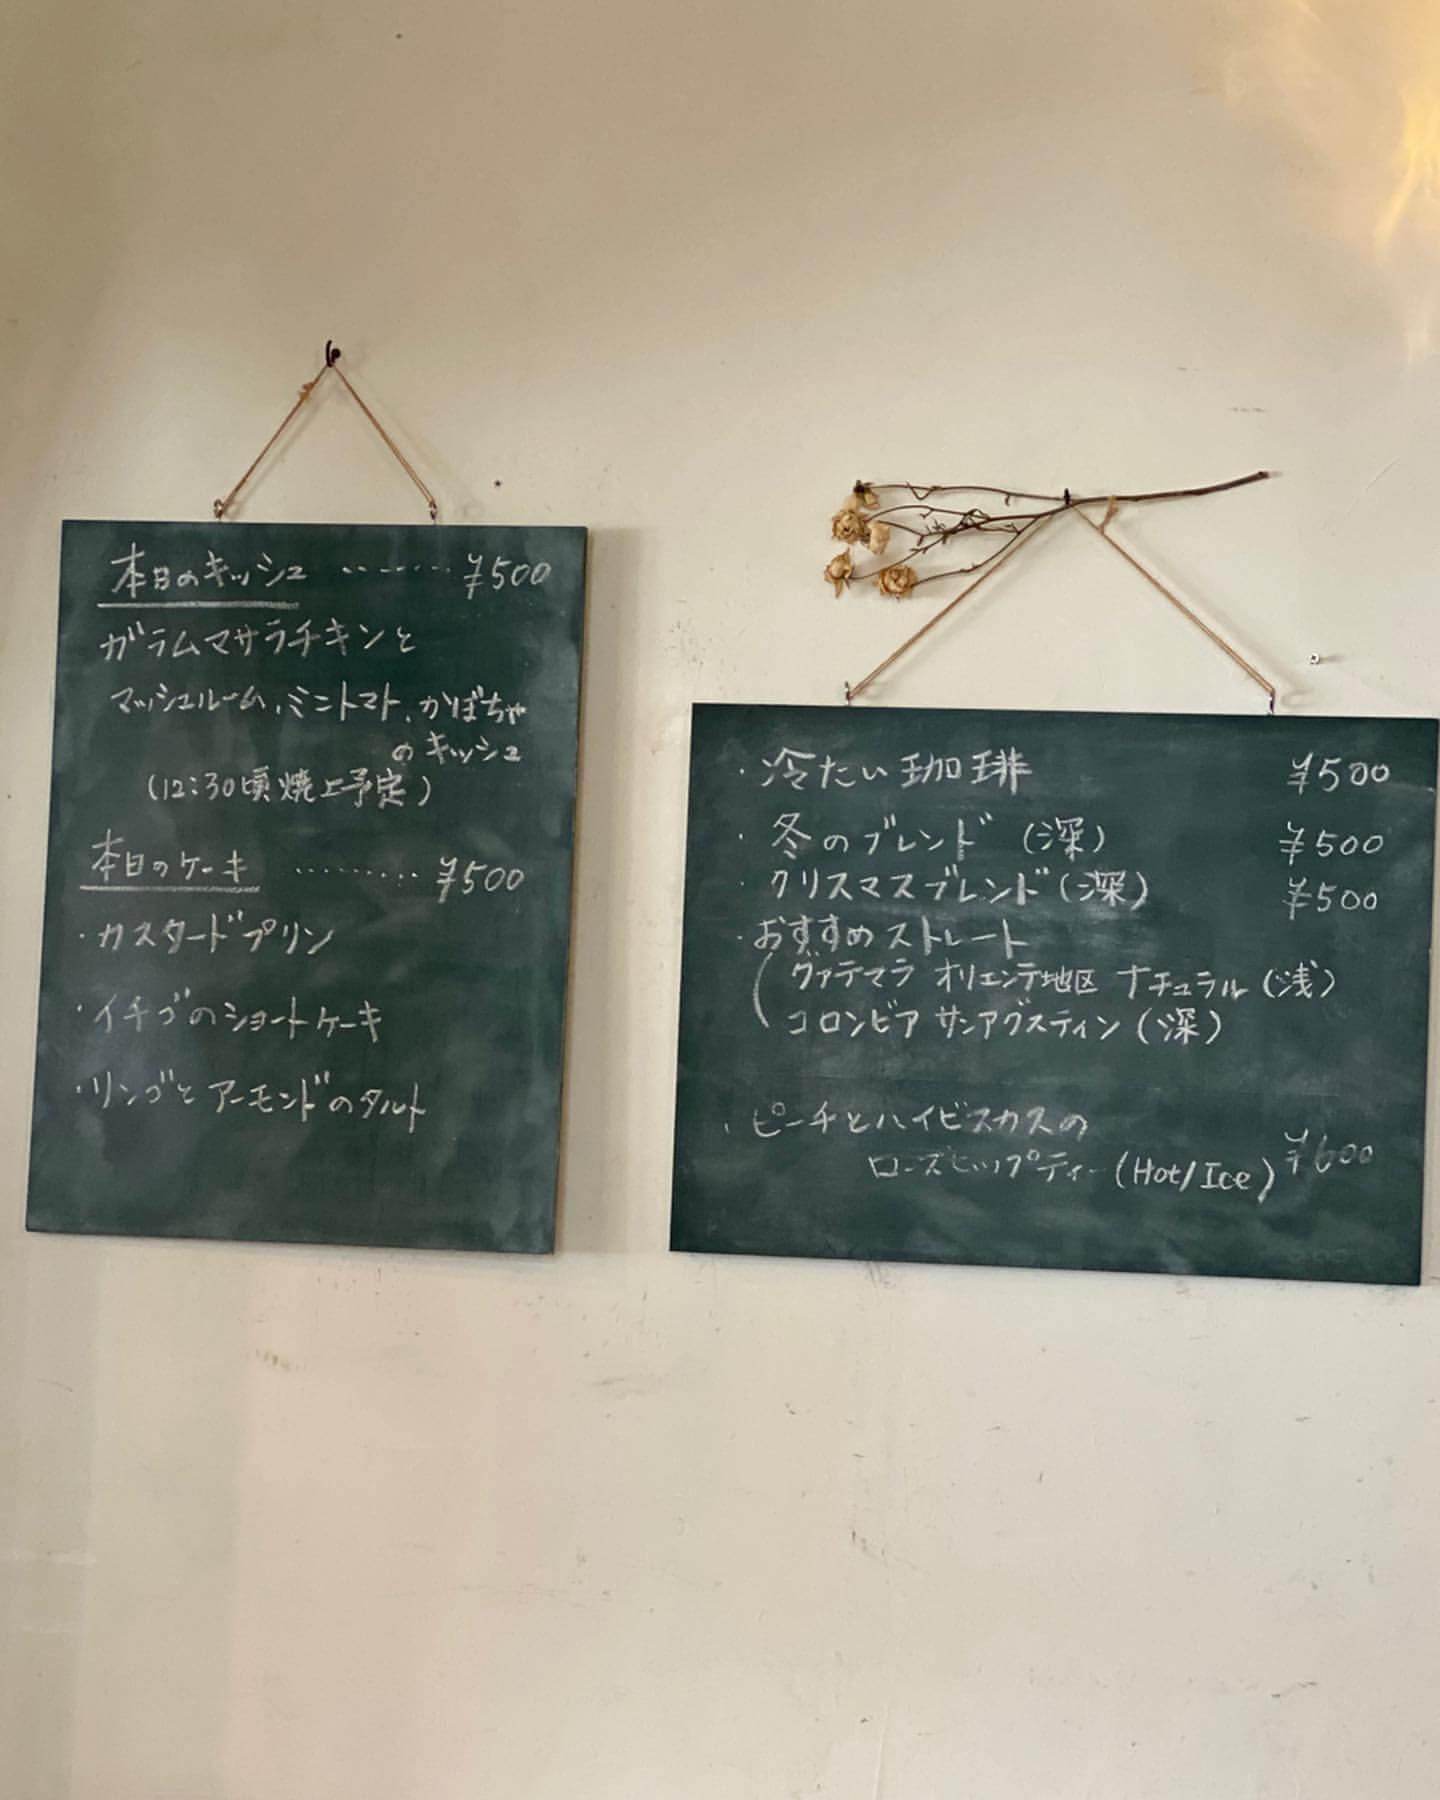 石田珈琲店のメニュー